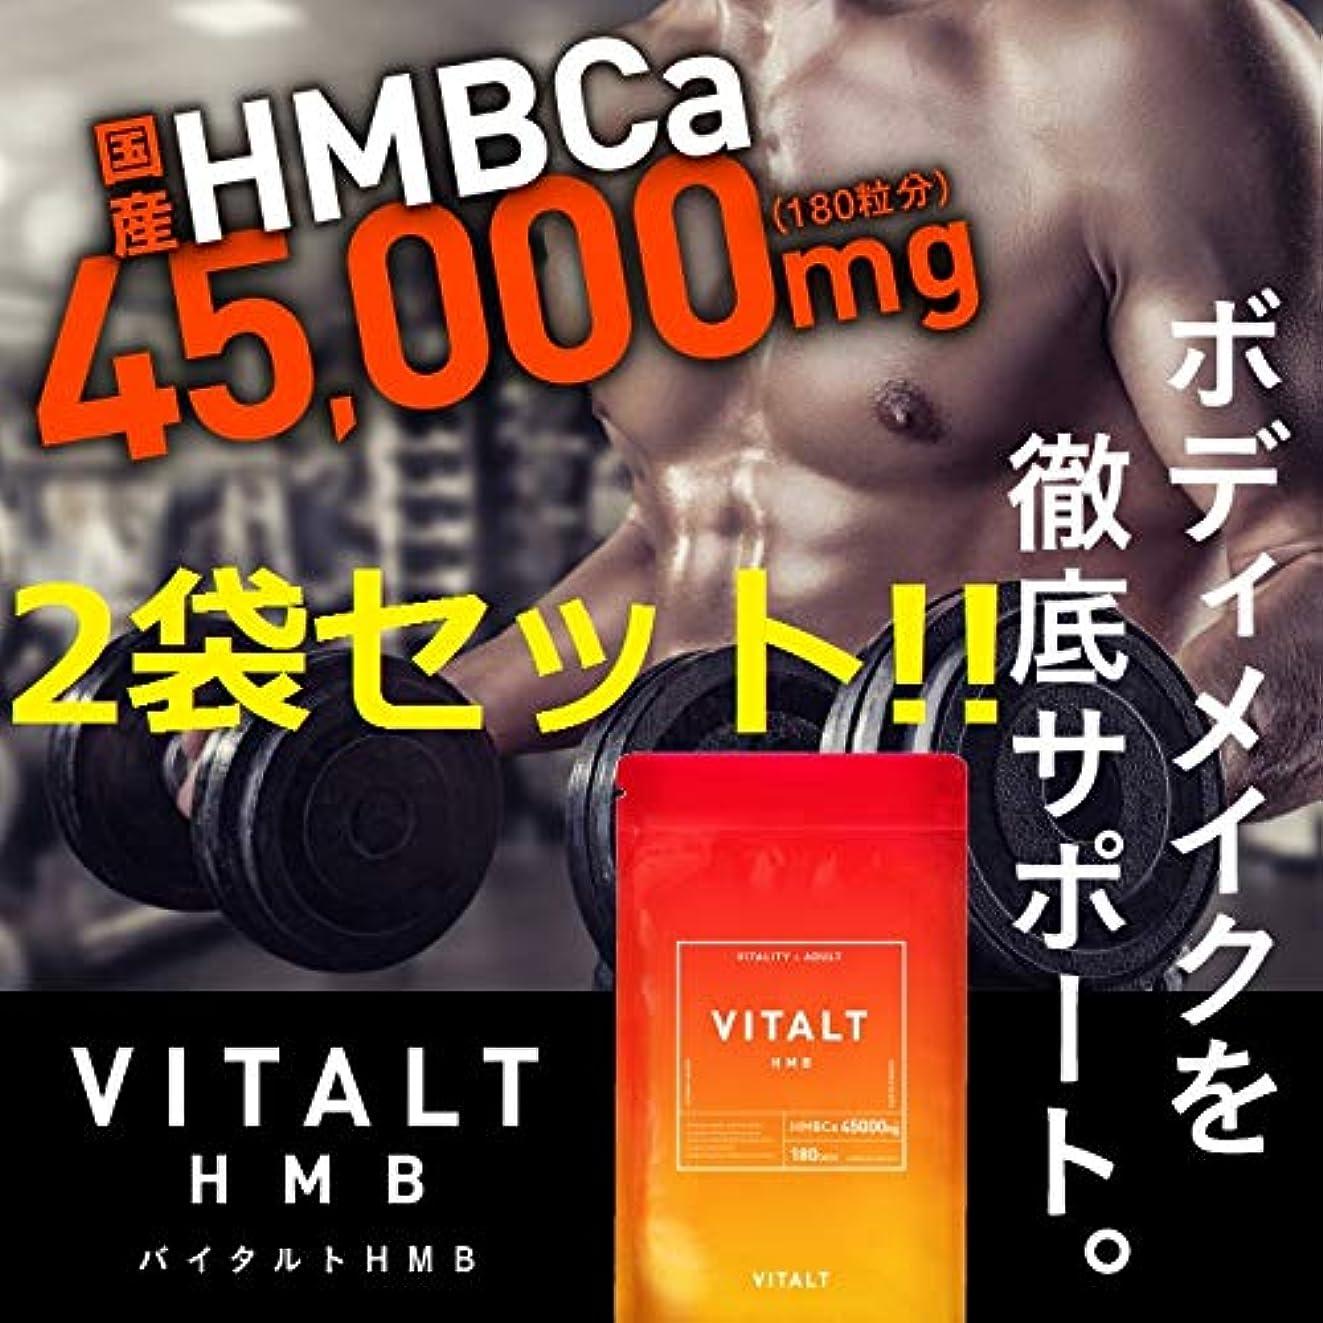 写真四面体心配するお得 2袋セット HMB VITALT バイタルト HMB サプリメント 180タブレット HMBCa 45000mg 国産